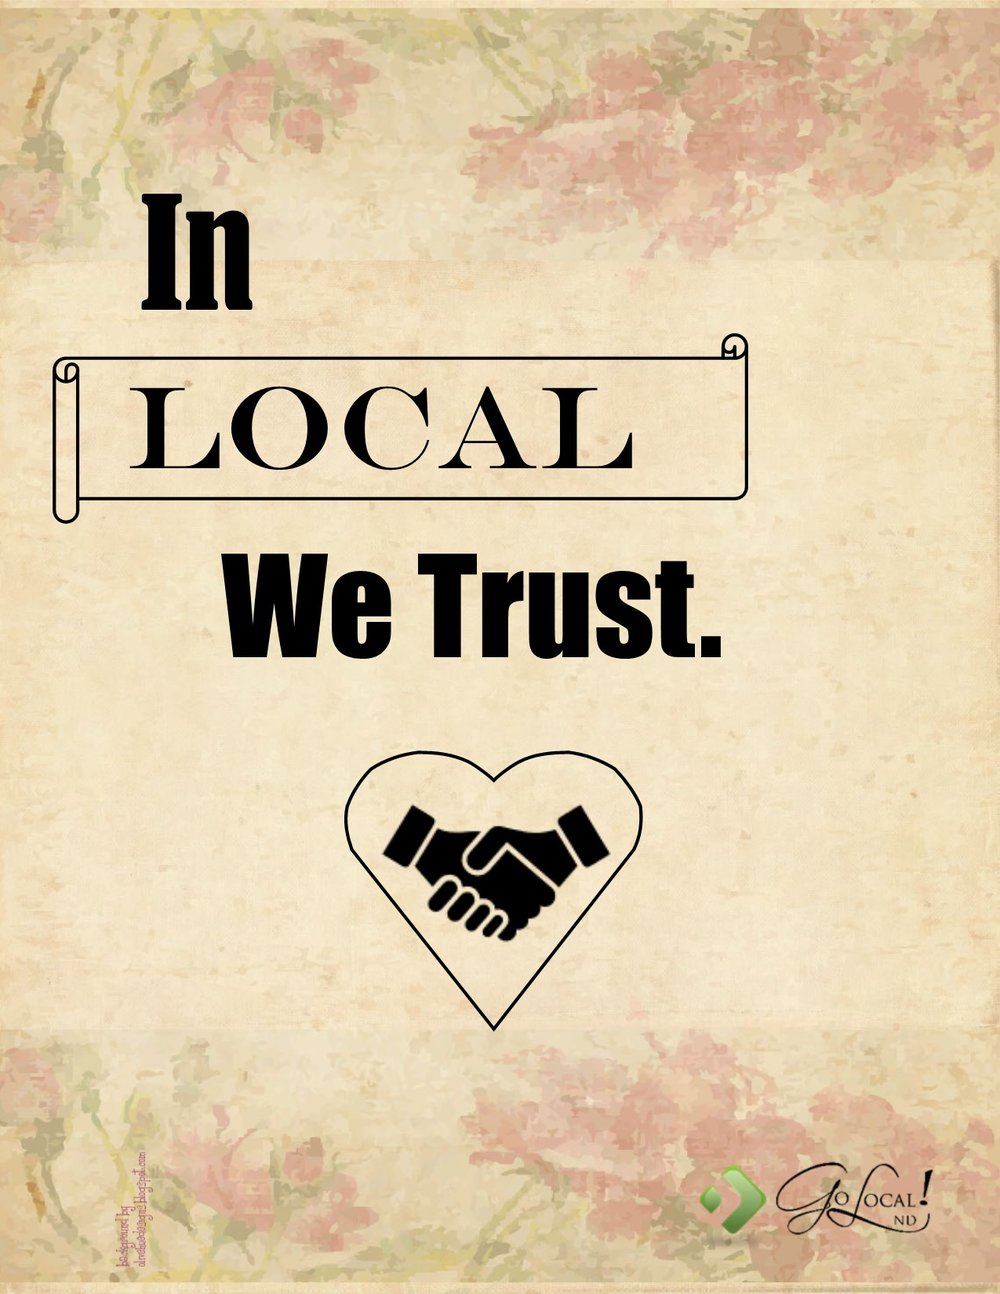 In Local We Trust.jpg